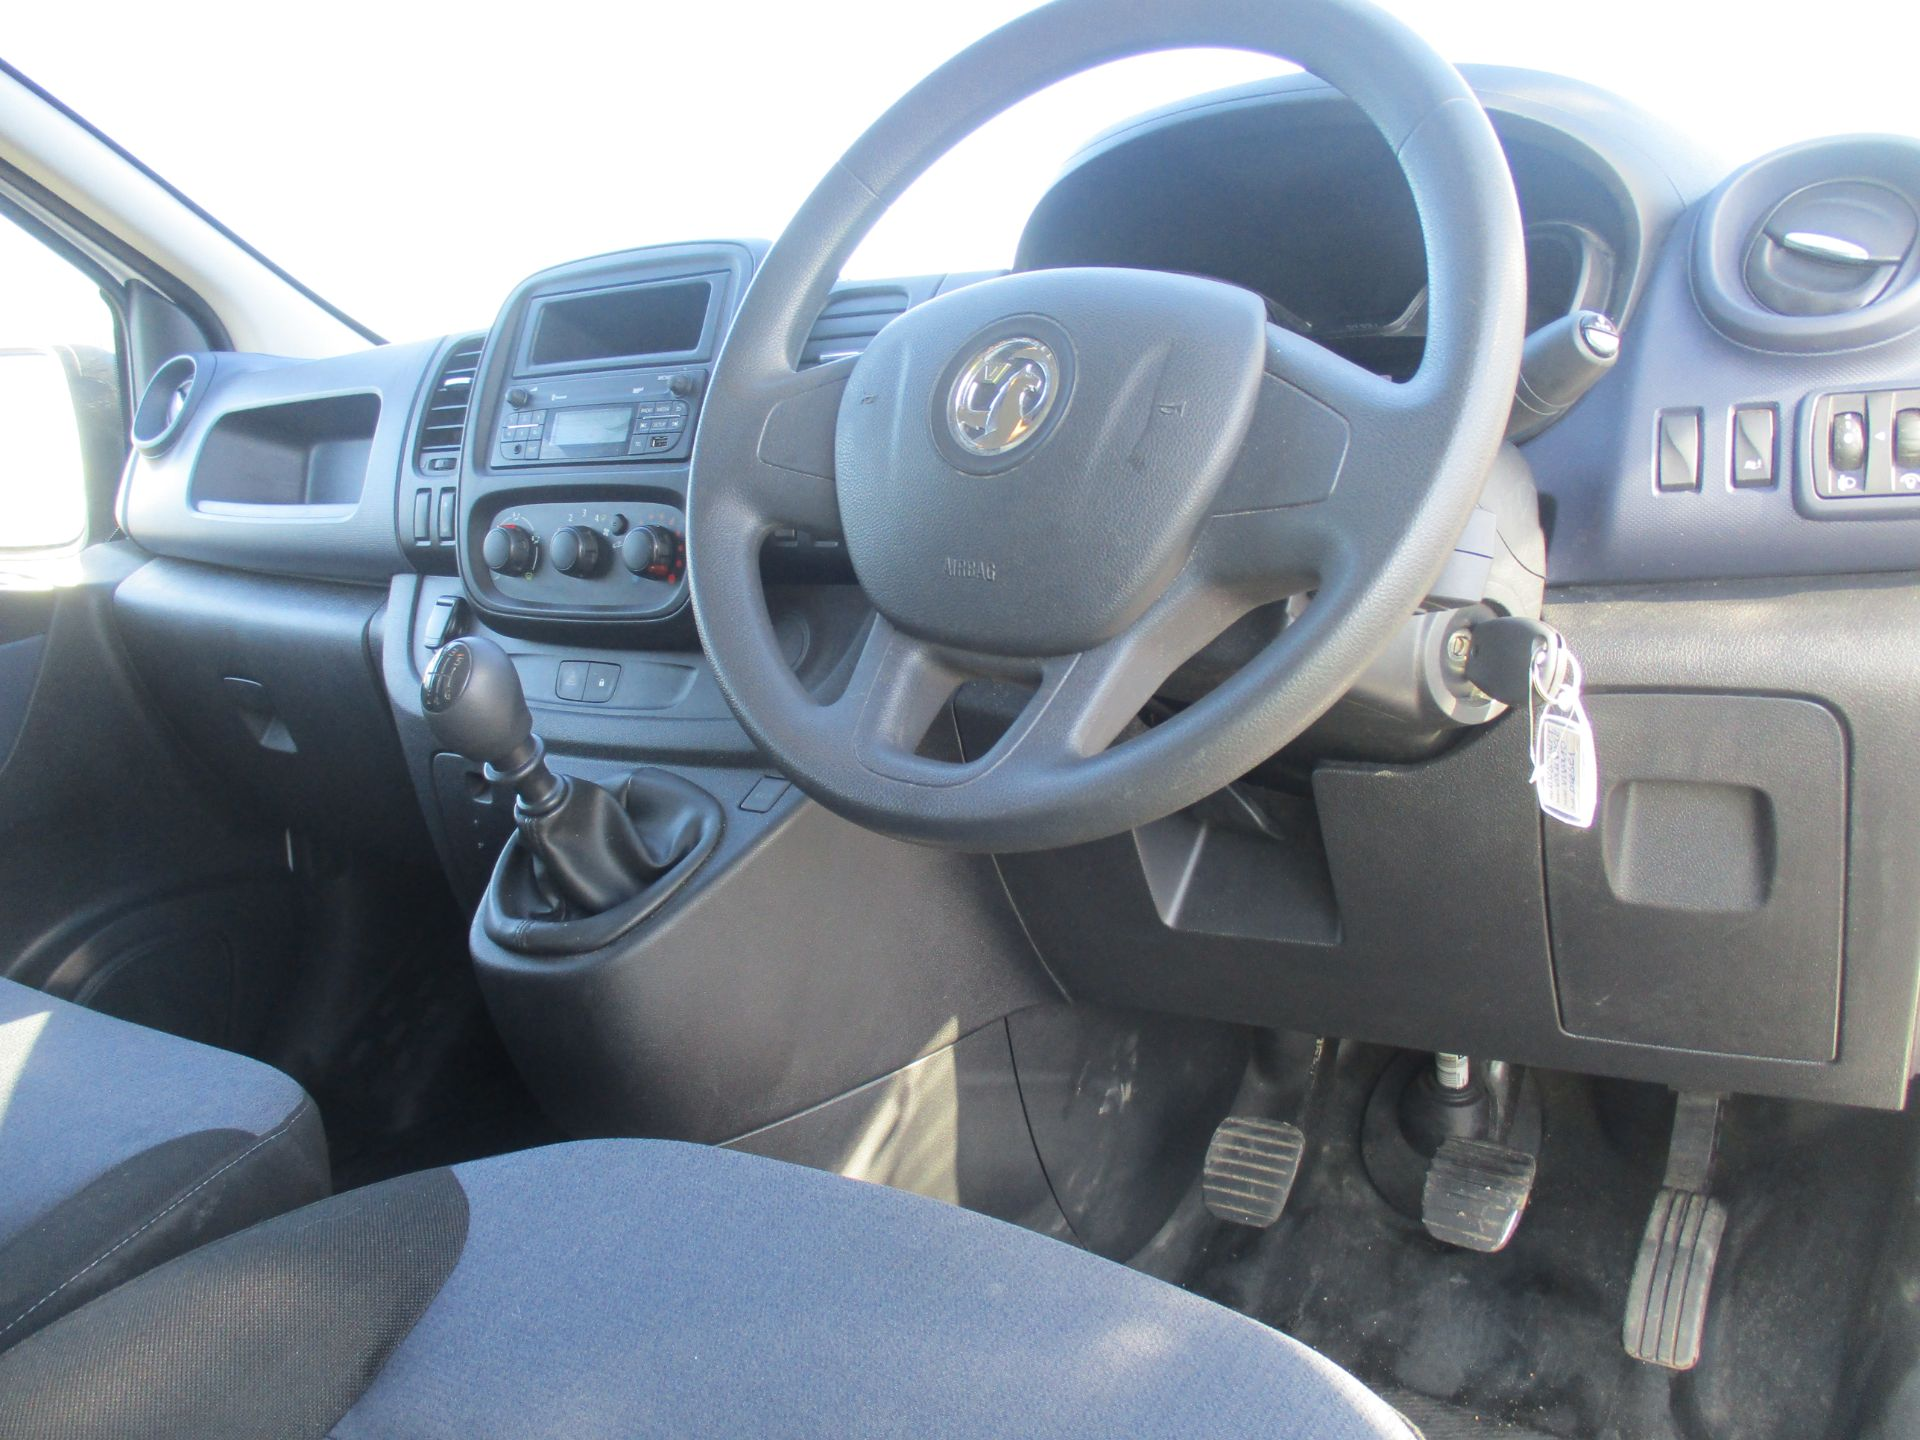 2017 Vauxhall Vivaro L2 H1 2900 1.6 CDTI 120PS EURO 6 (DV67WFT) Image 13